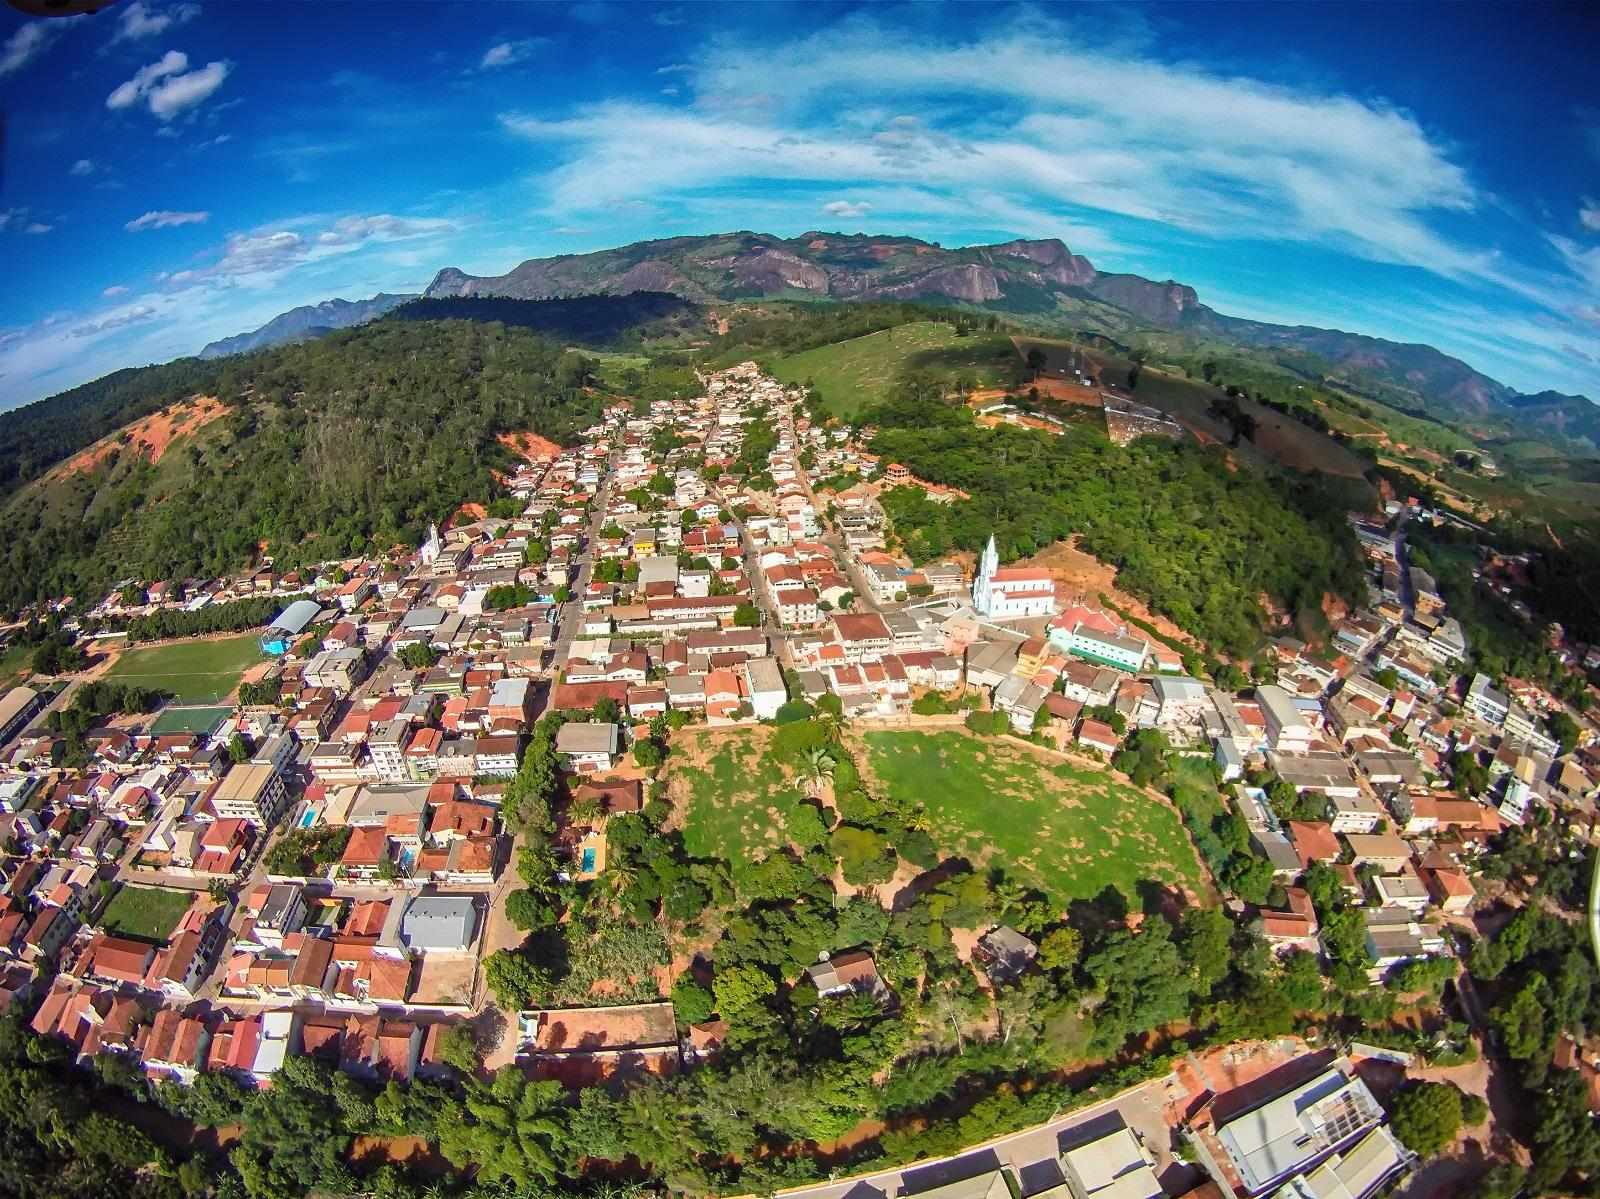 Coronavírus (COVID-19): Prefeitura de Itarana confirma o primeiro caso positivo da doença no município